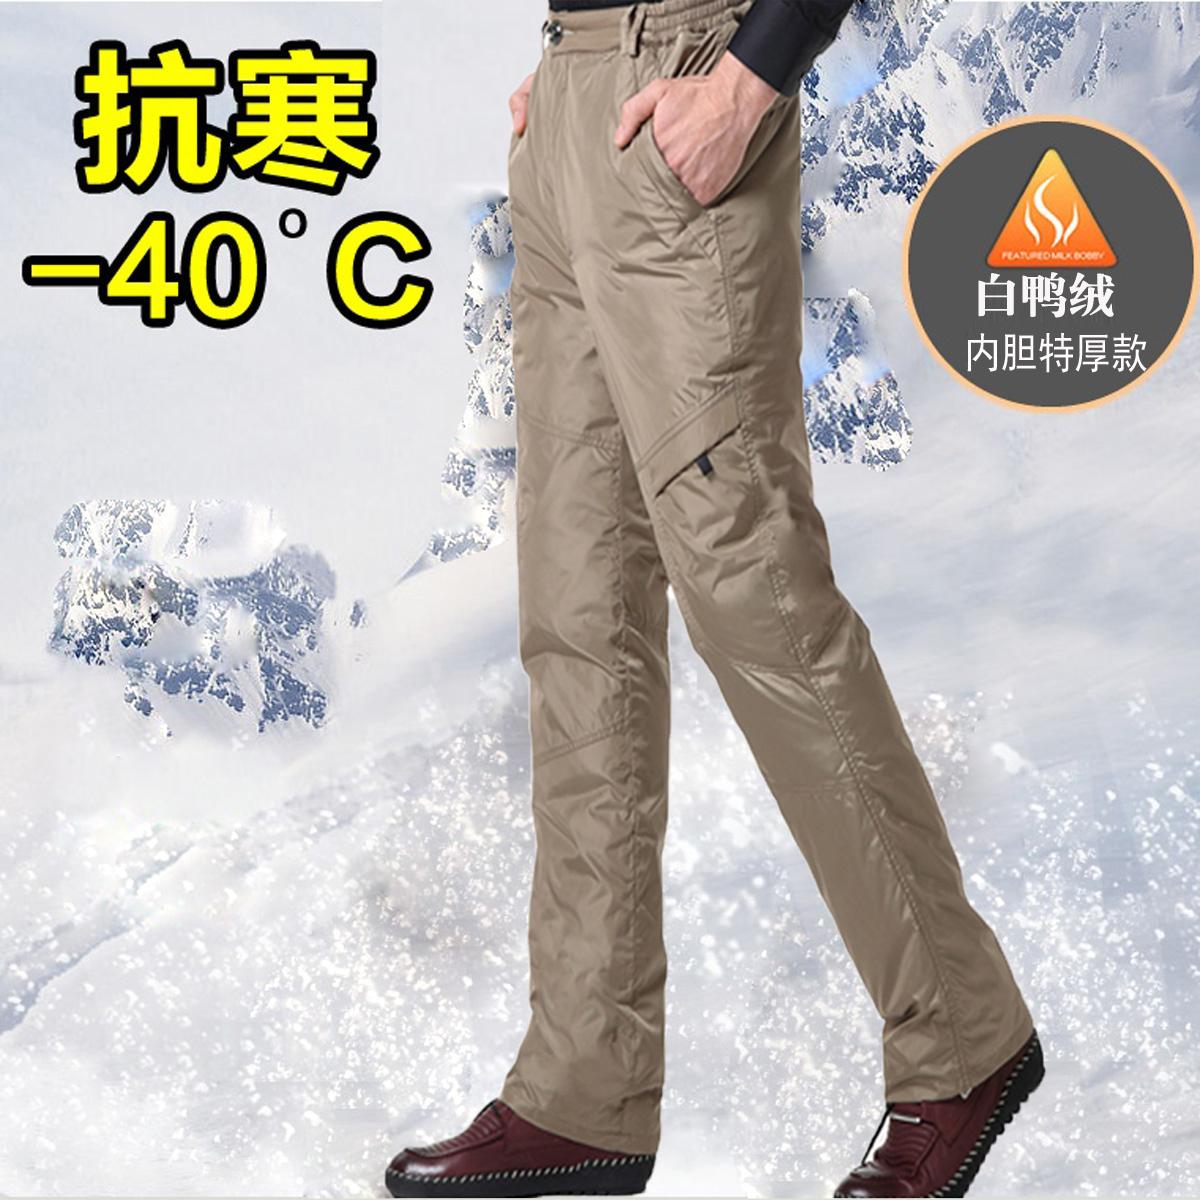 羽绒裤男外穿加厚修身脱卸白鸭绒内胆冬季中老年户外防风高腰棉裤